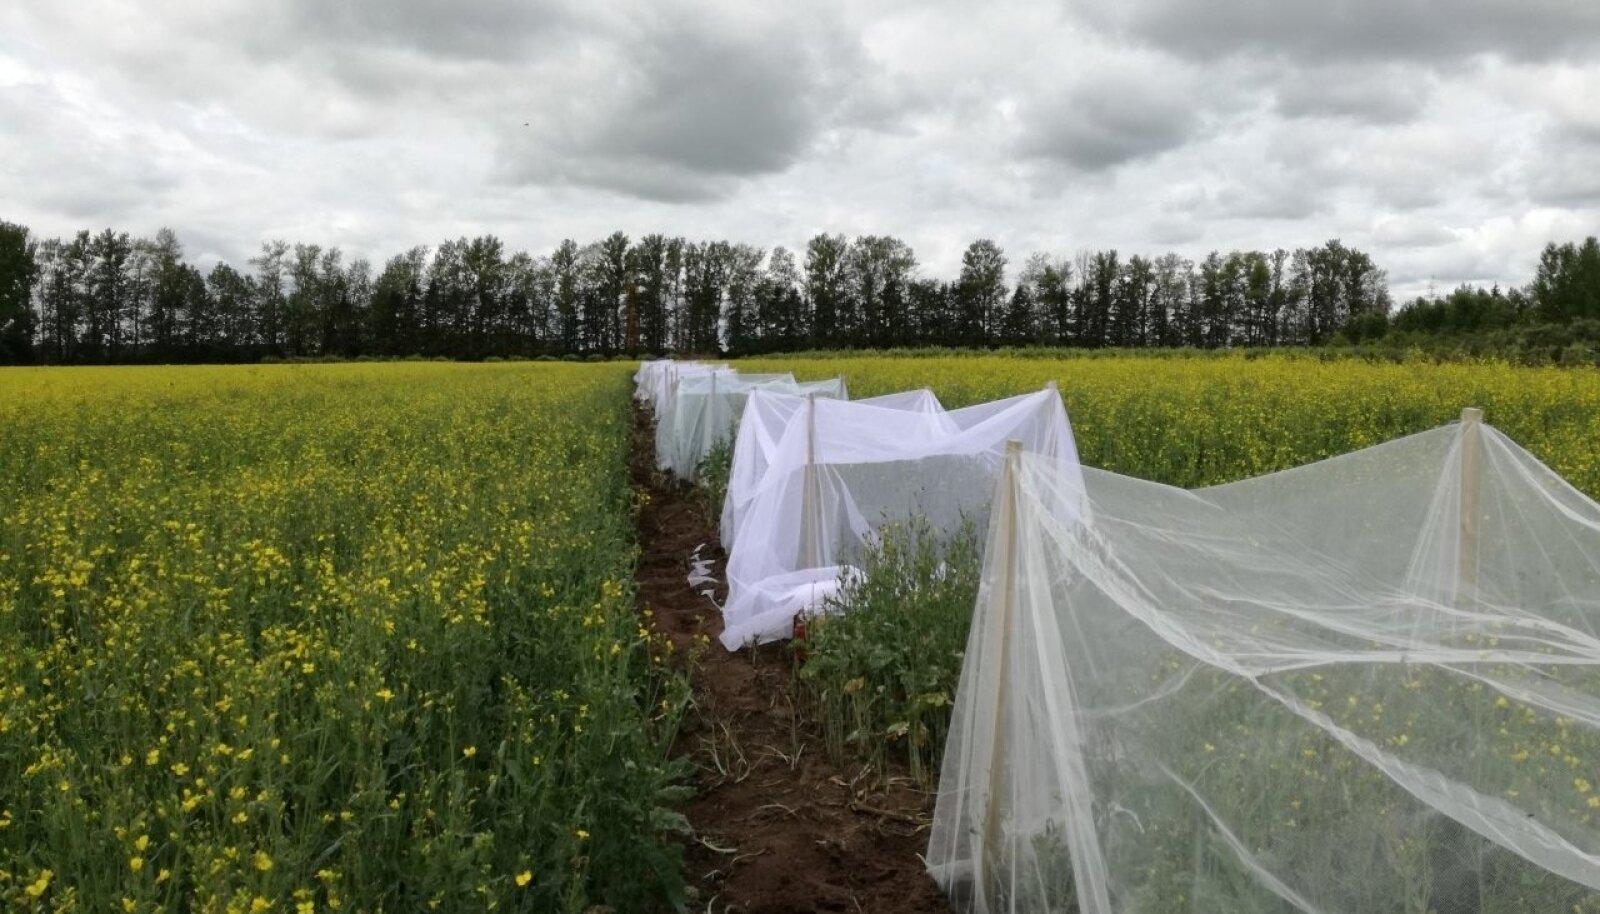 Maaülikool ja mullaklaster katsetavad, kas rapsi on võimalik kasvatada bioloogiliste taimekaitsevahendite abil.